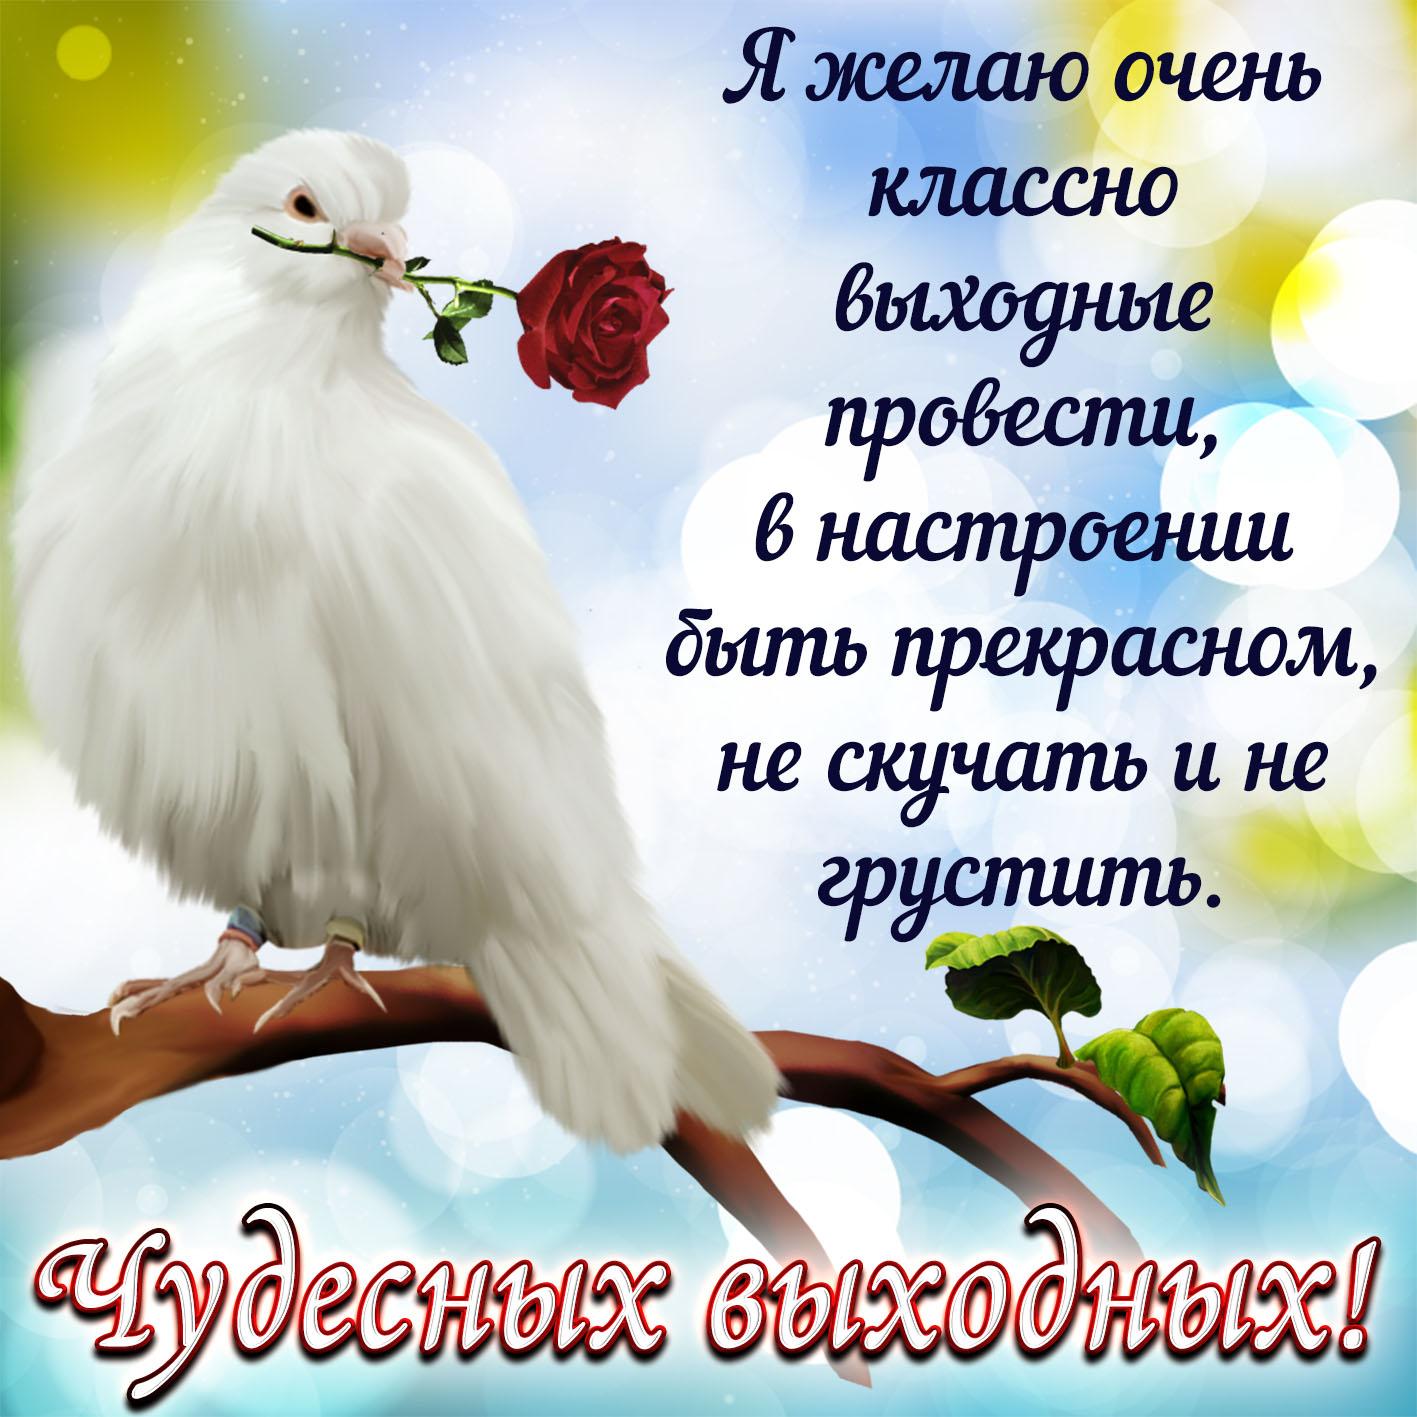 Картинка чудесных выходных с голубем и красной розочкой